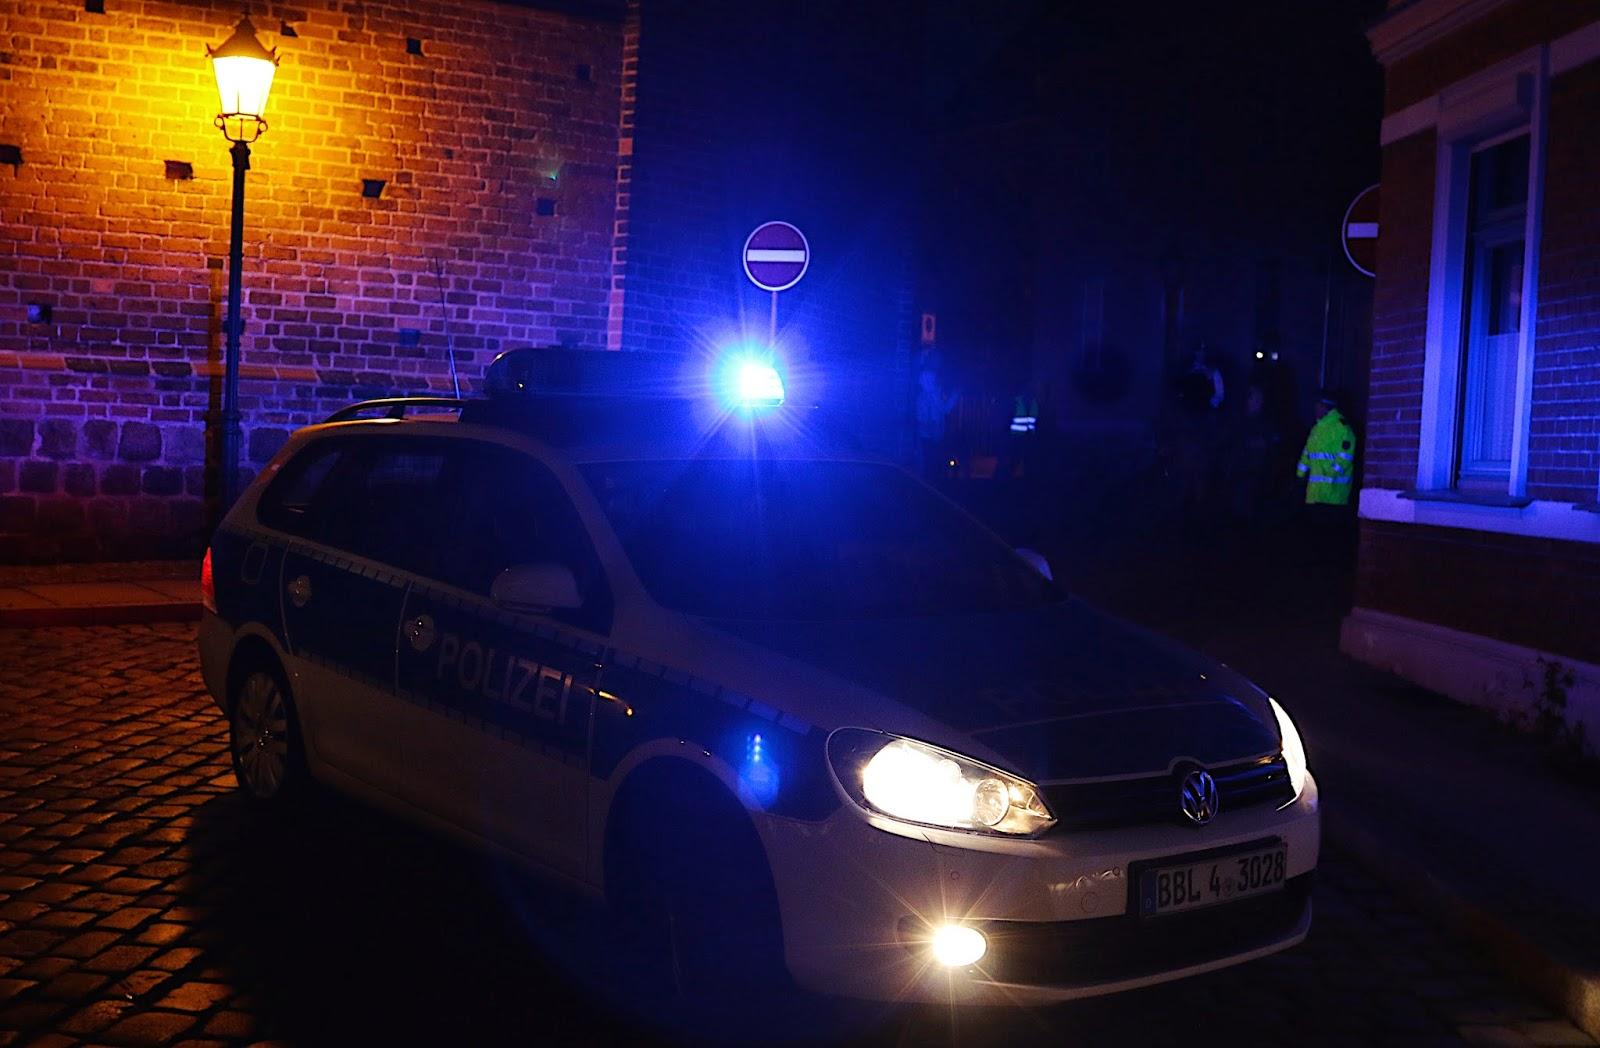 Bernau: Musikveranstaltung mit ca. 1.000 Gästen von Polizei aufgelöst